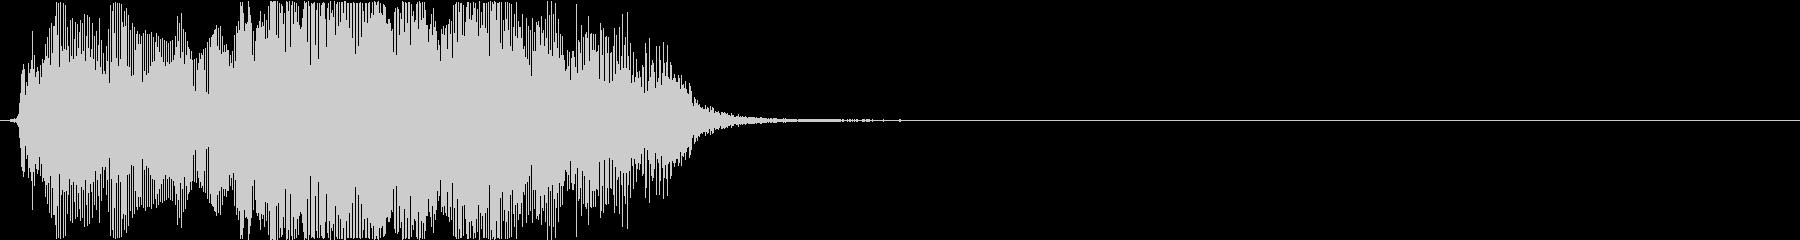 「No way」アプリ・ゲーム用の未再生の波形